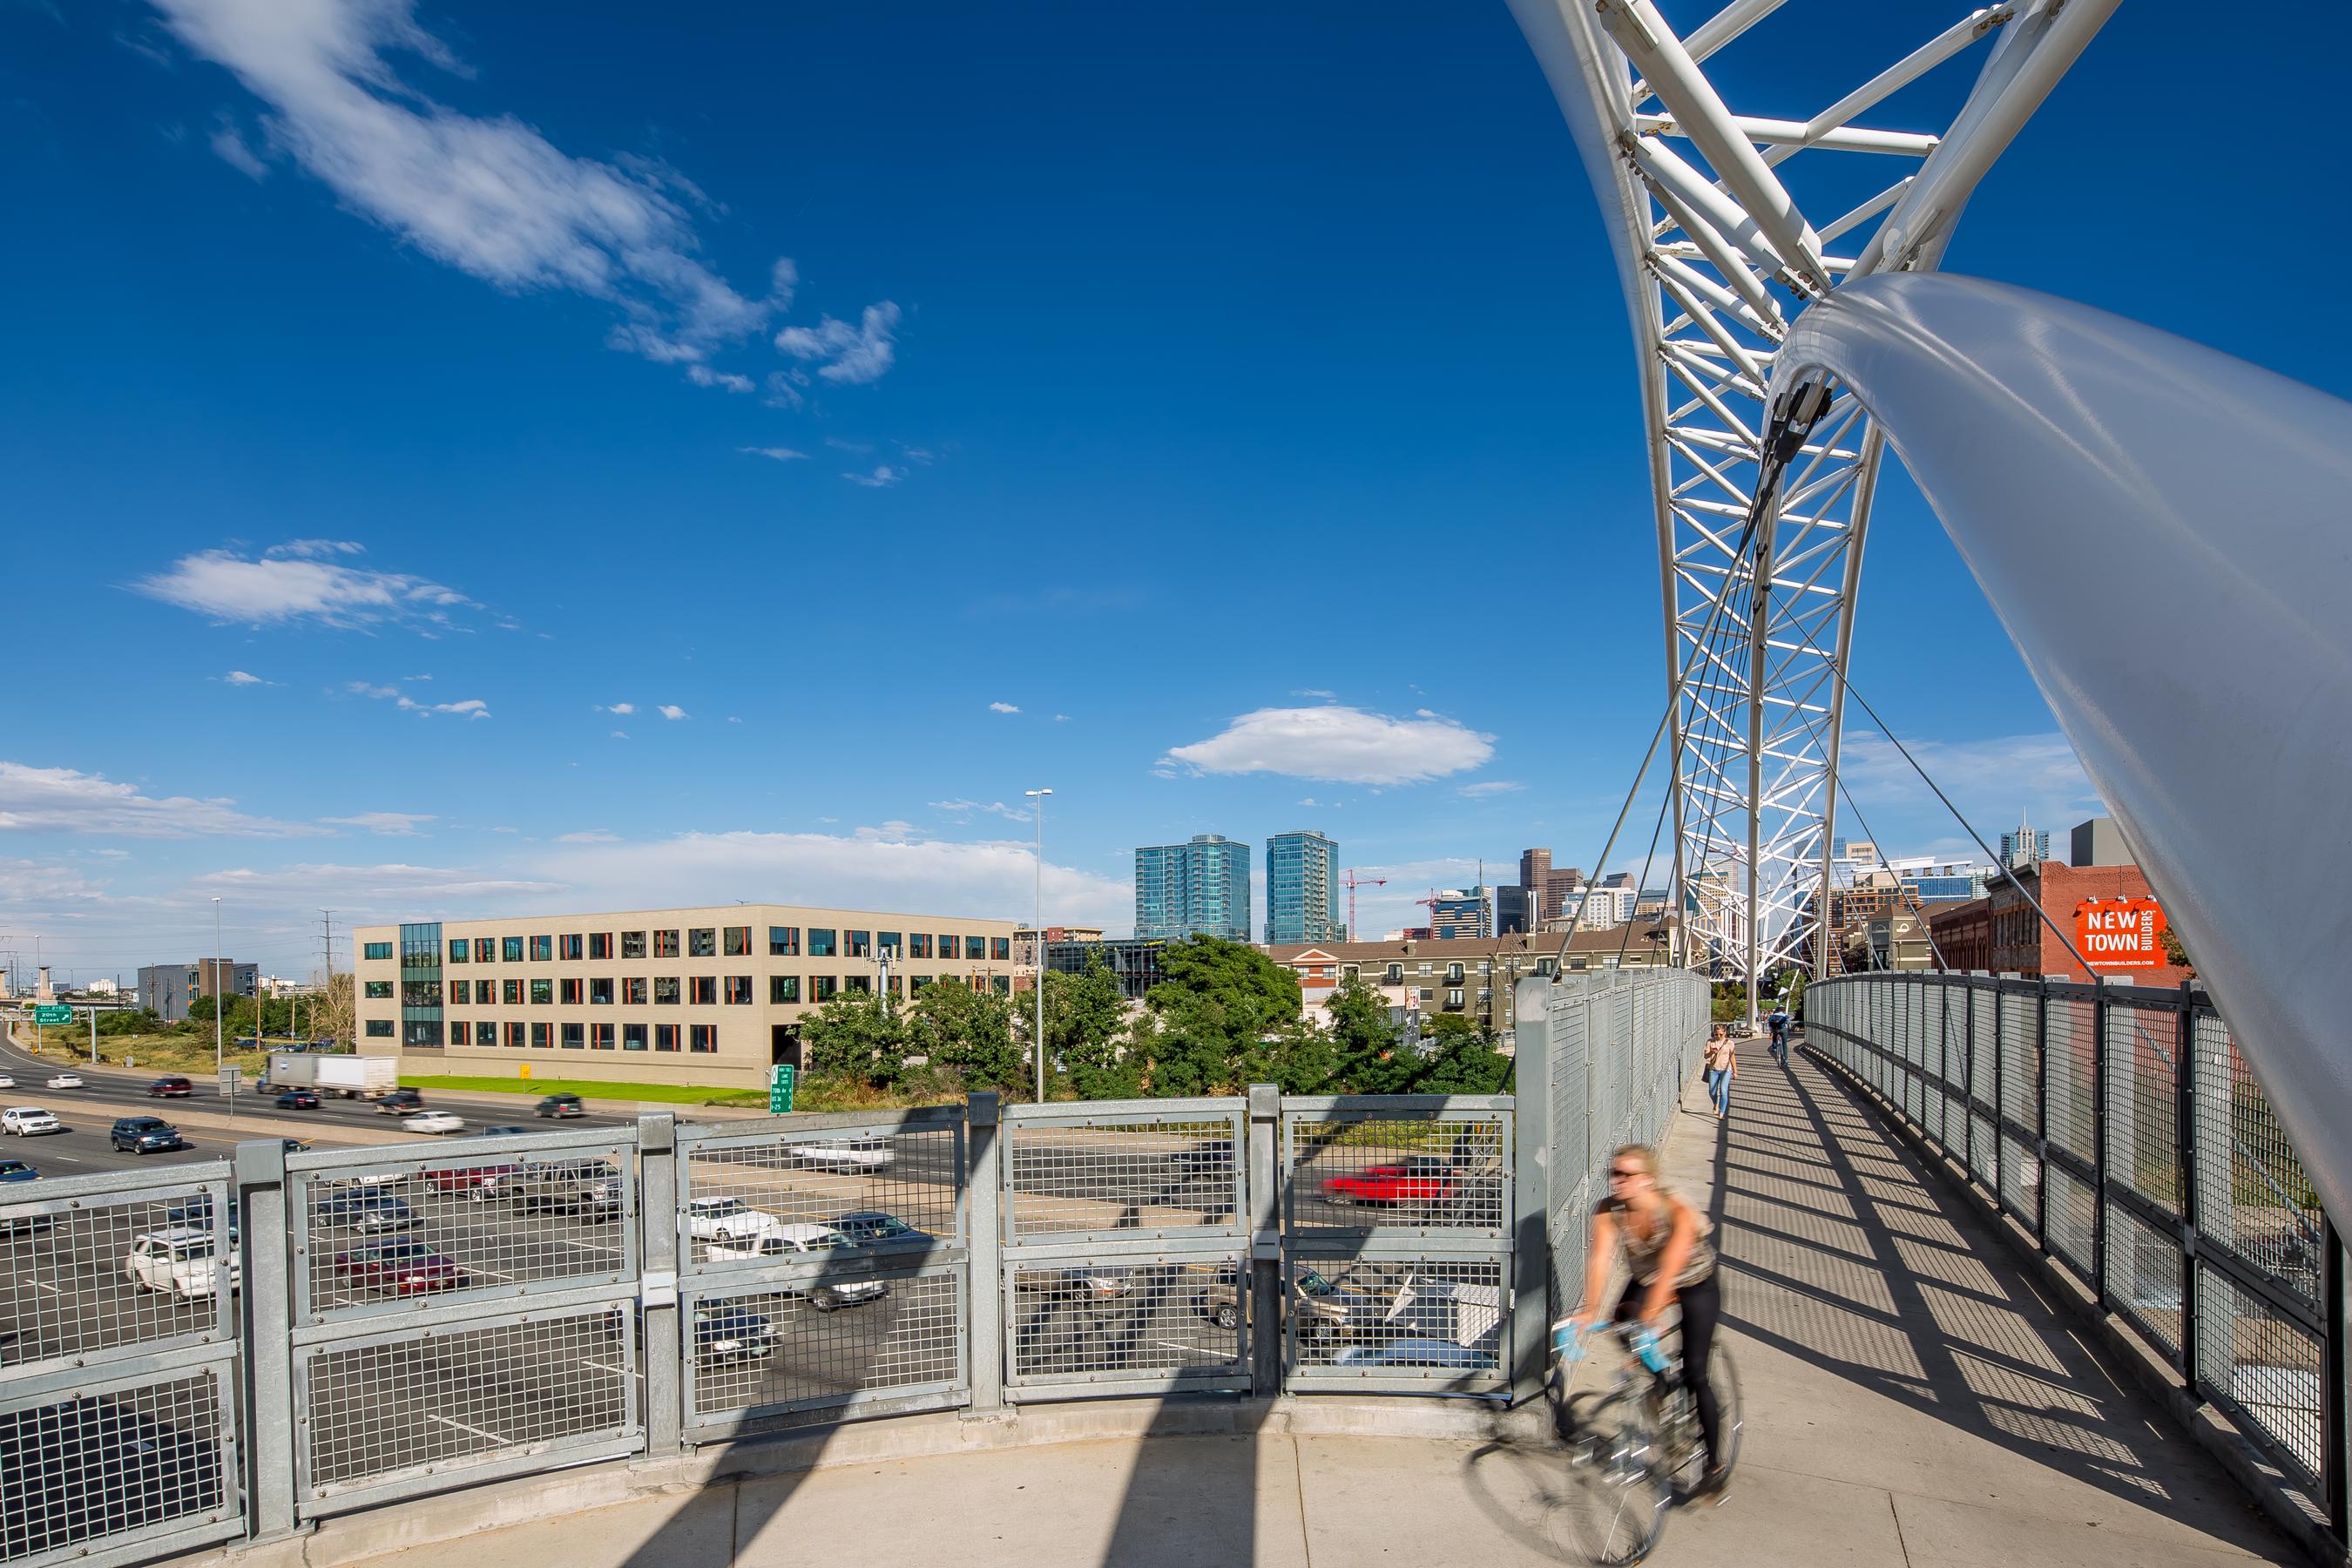 006 open studio architecture The Lab pedestrian bridge view OSA